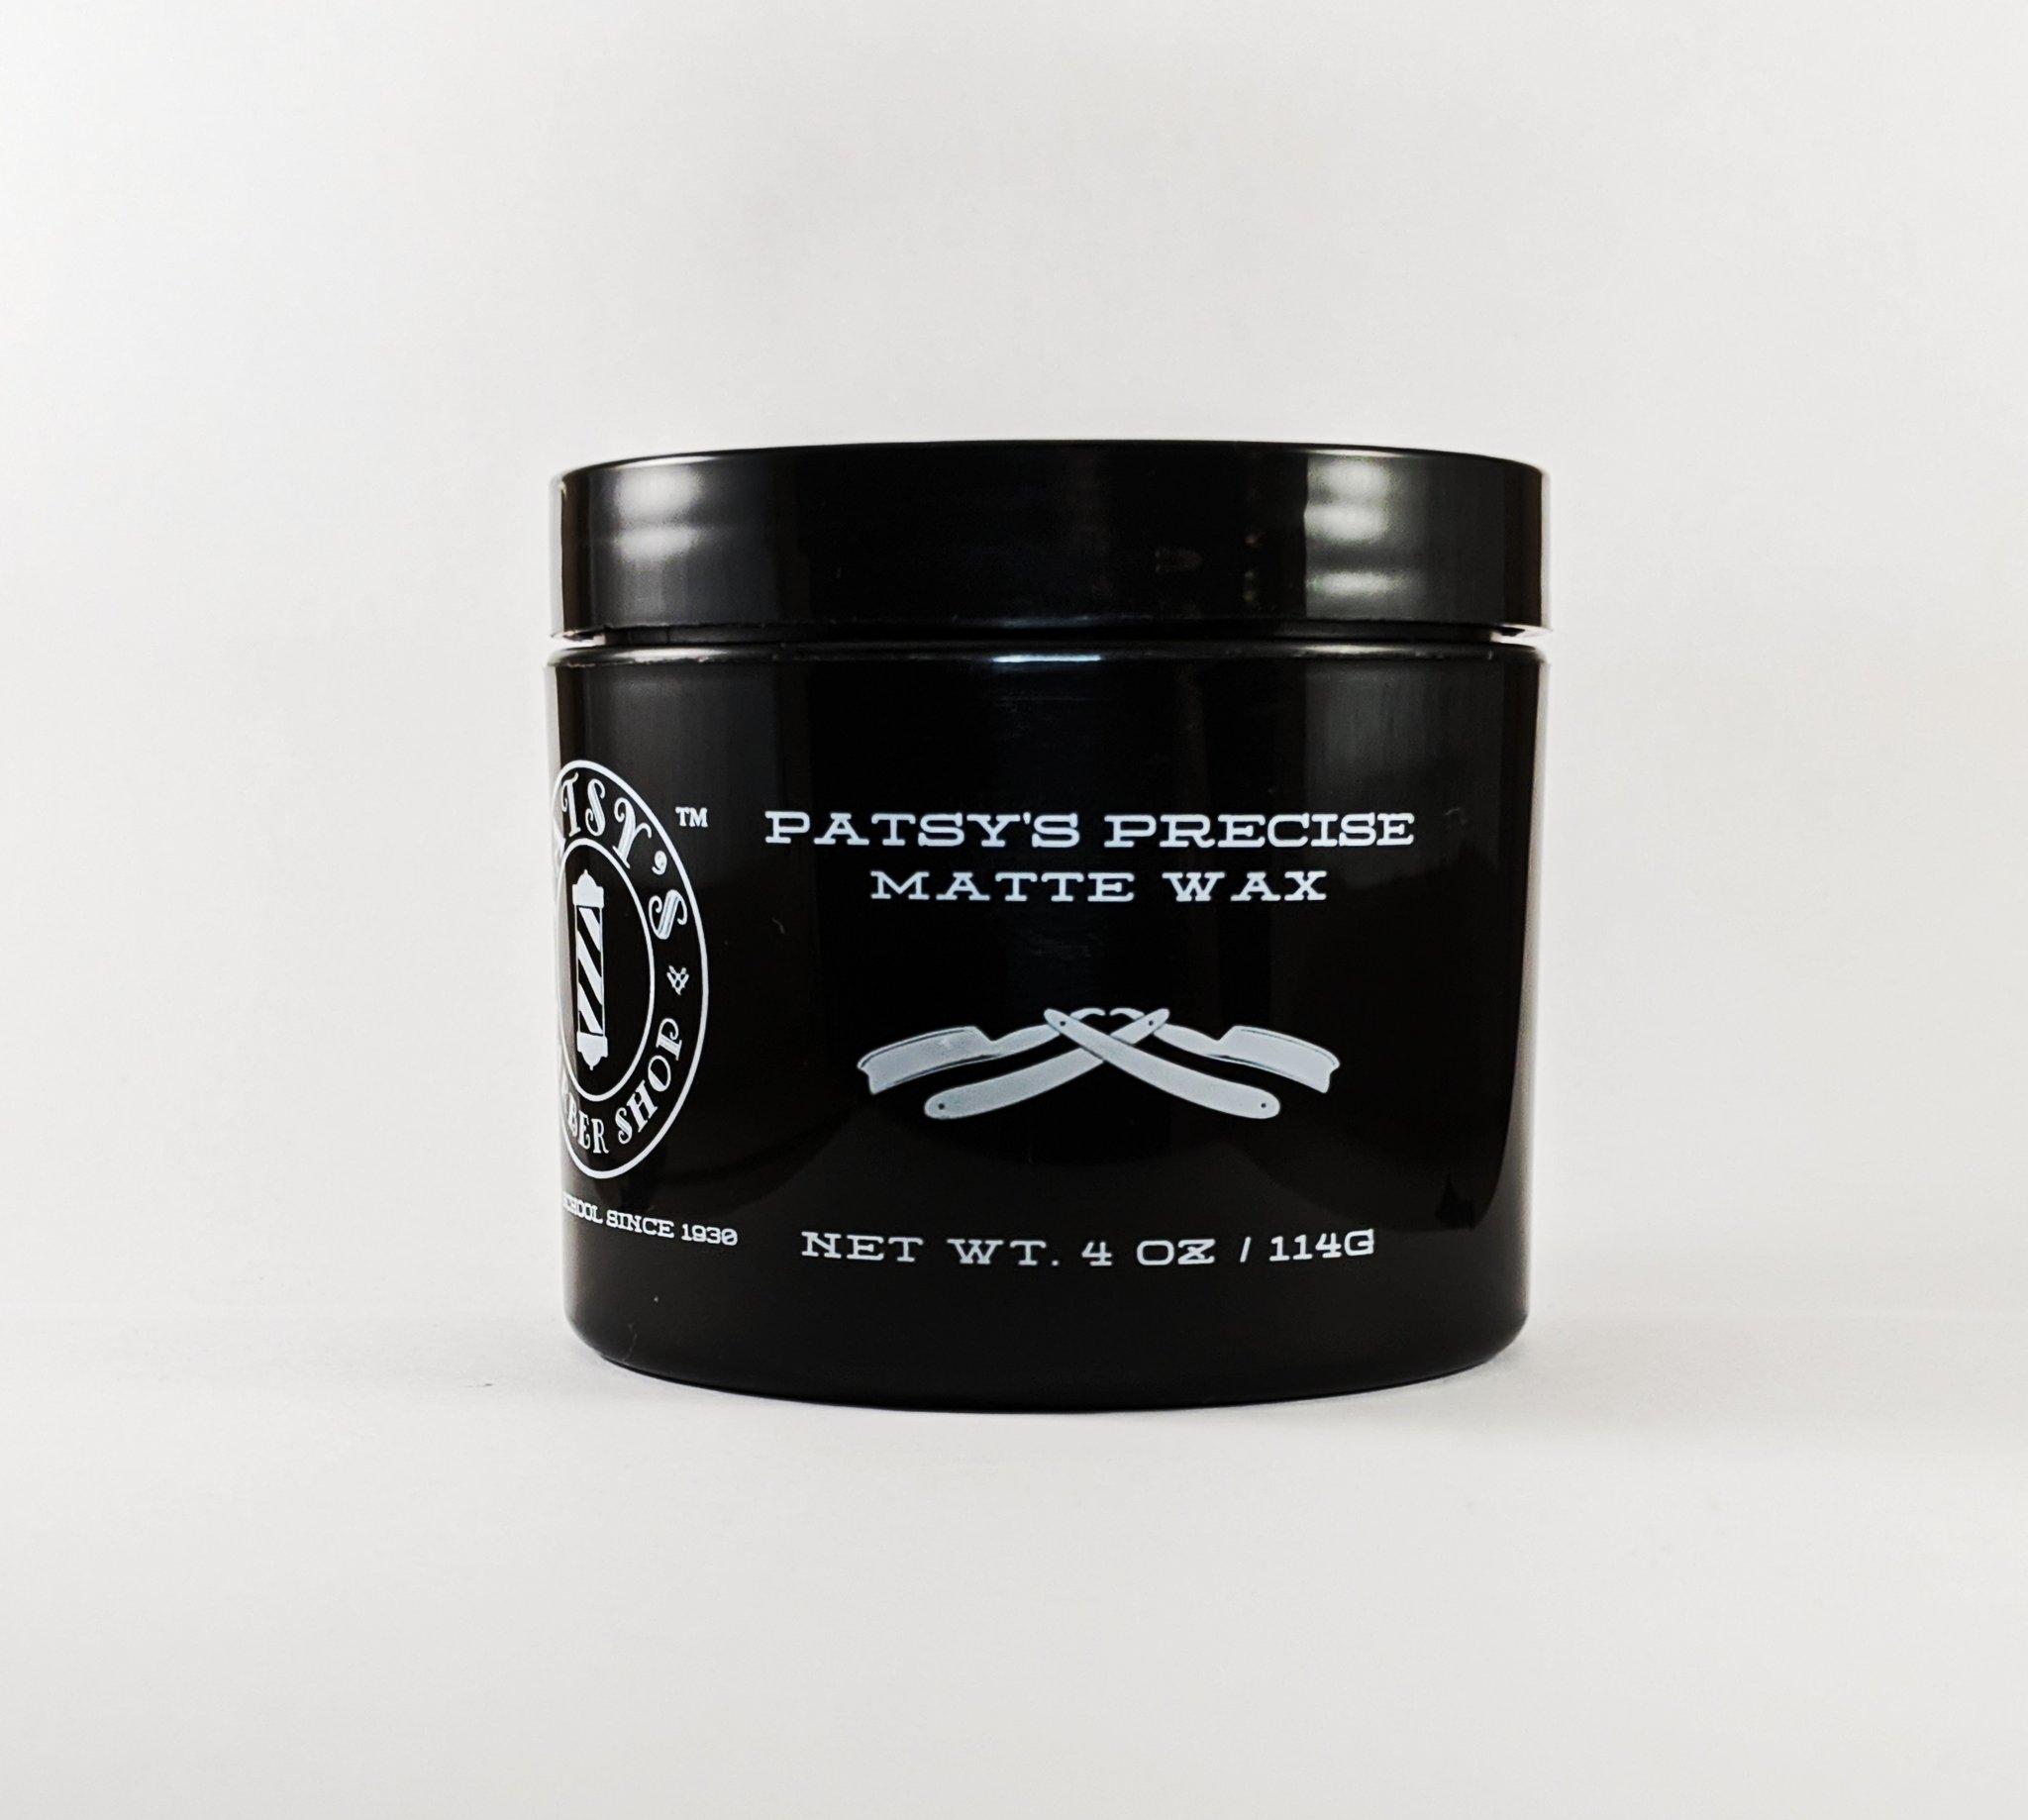 Patsy's Precise Matte Wax